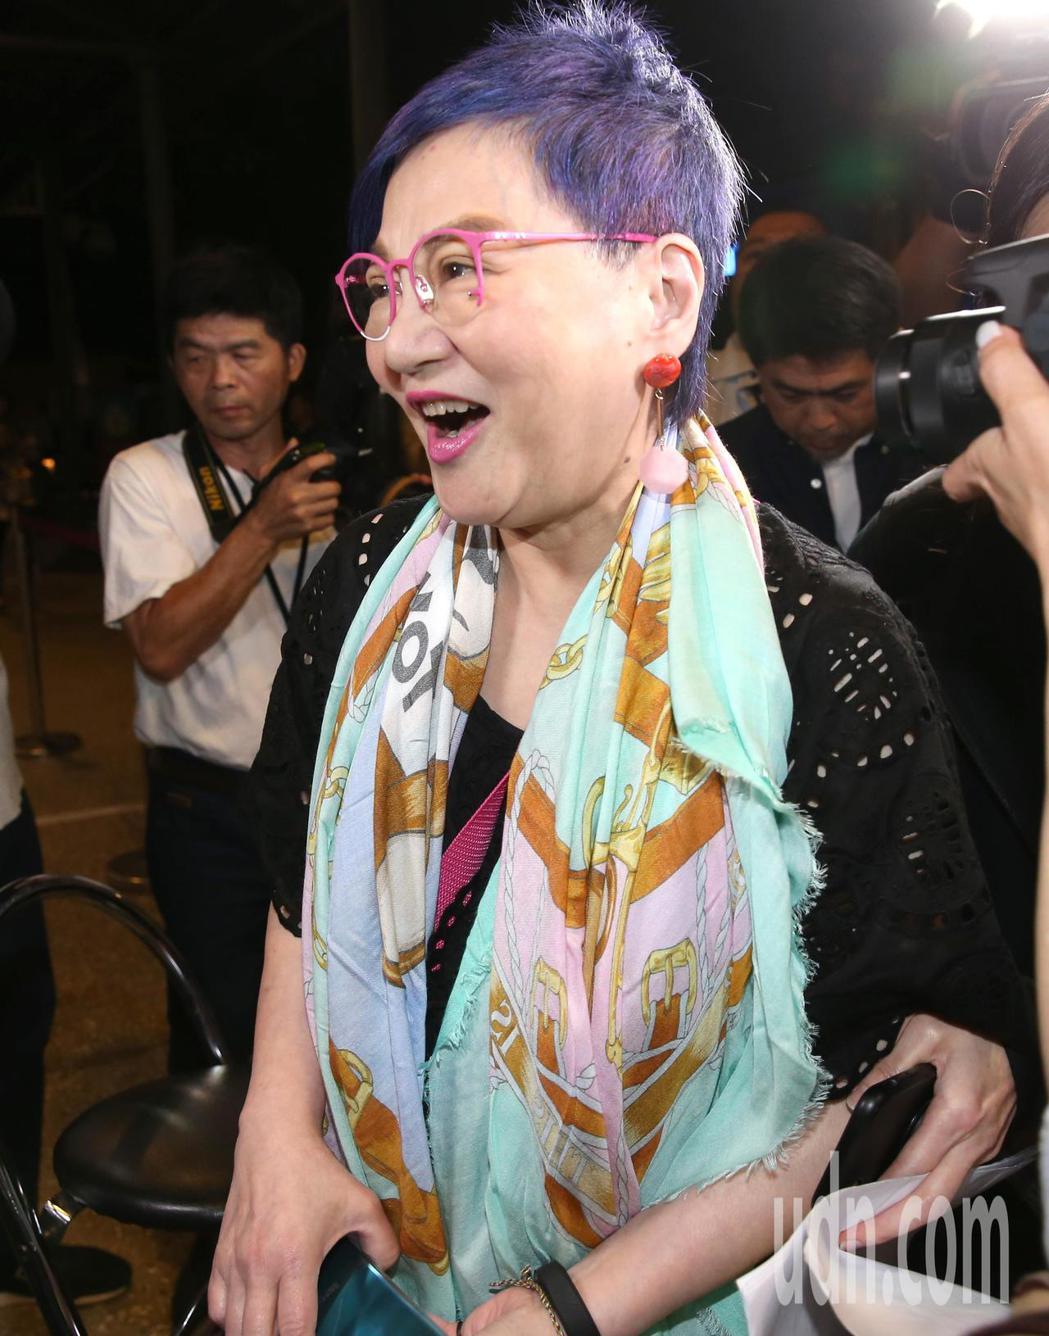 張小燕(圖)出席黃子佼演唱會。記者林澔一/攝影